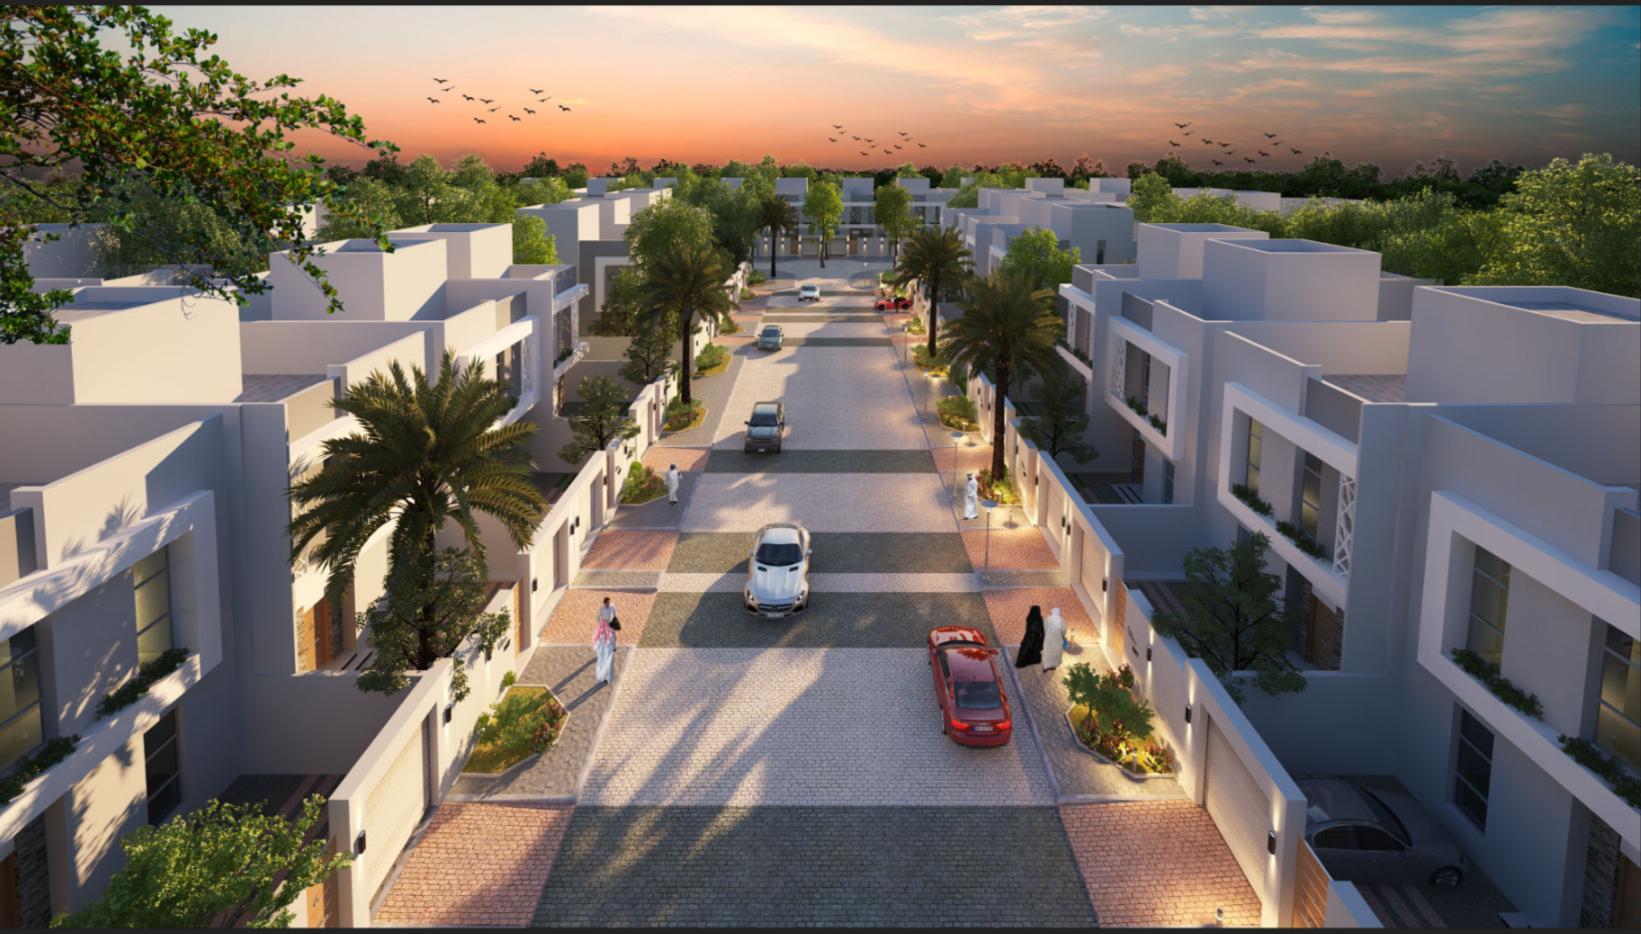 ضاحية الجوان - تطوير عقاري - وحدة سكنية - مشاريع سكنية